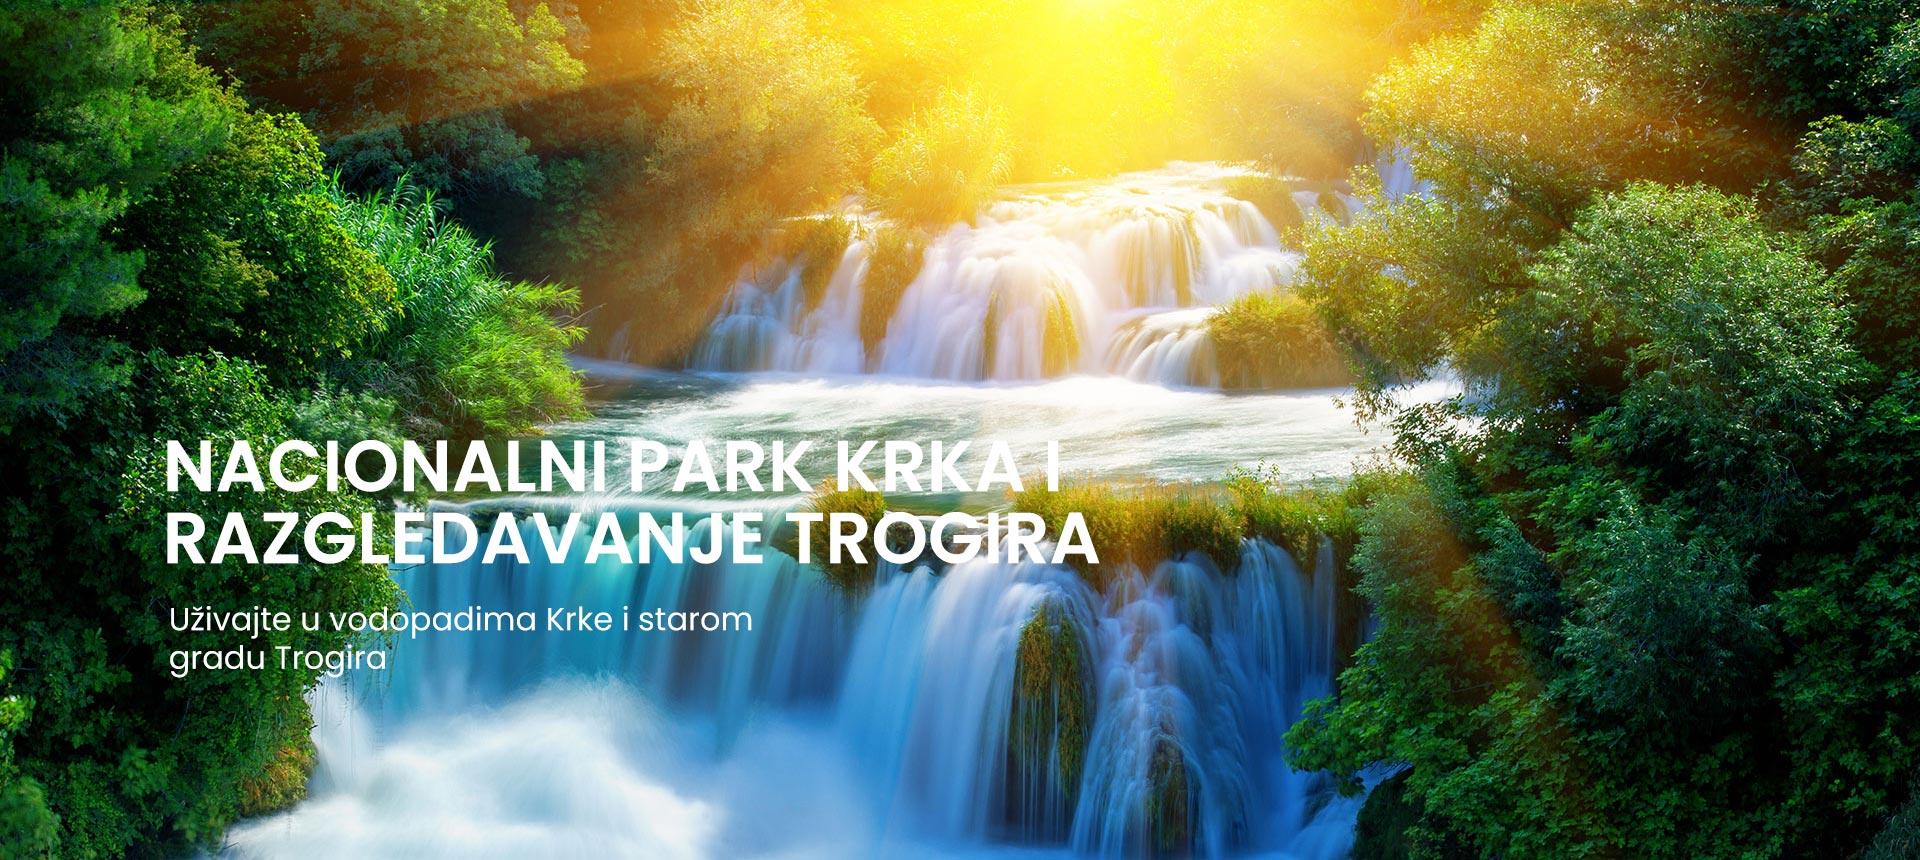 cjelodnevni izlet Krka nacionalni park i Trogir